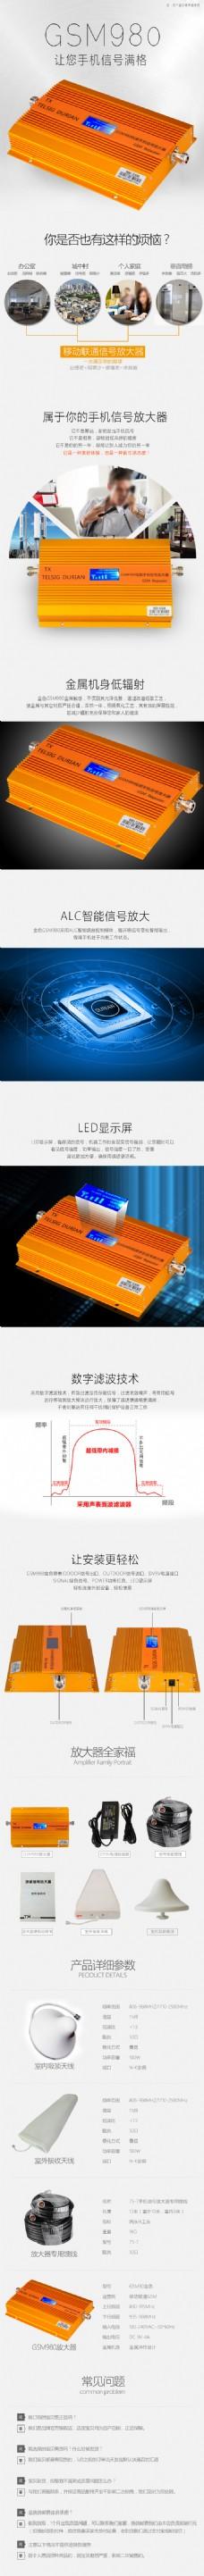 手机信号放大器GSM980放大器移动联通